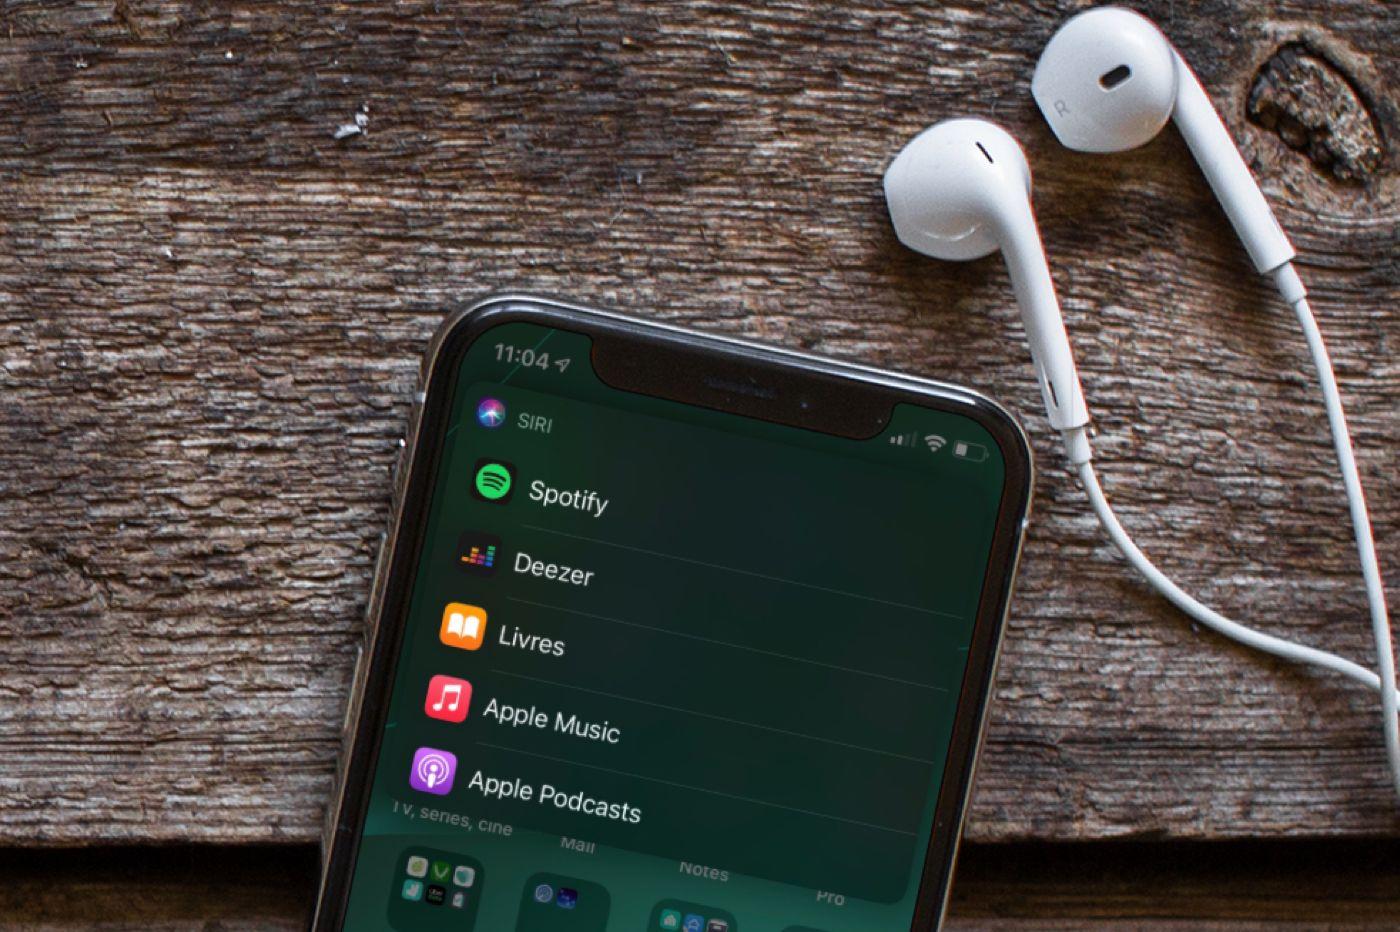 Lecteur musique par défaut dans iOS 14.5